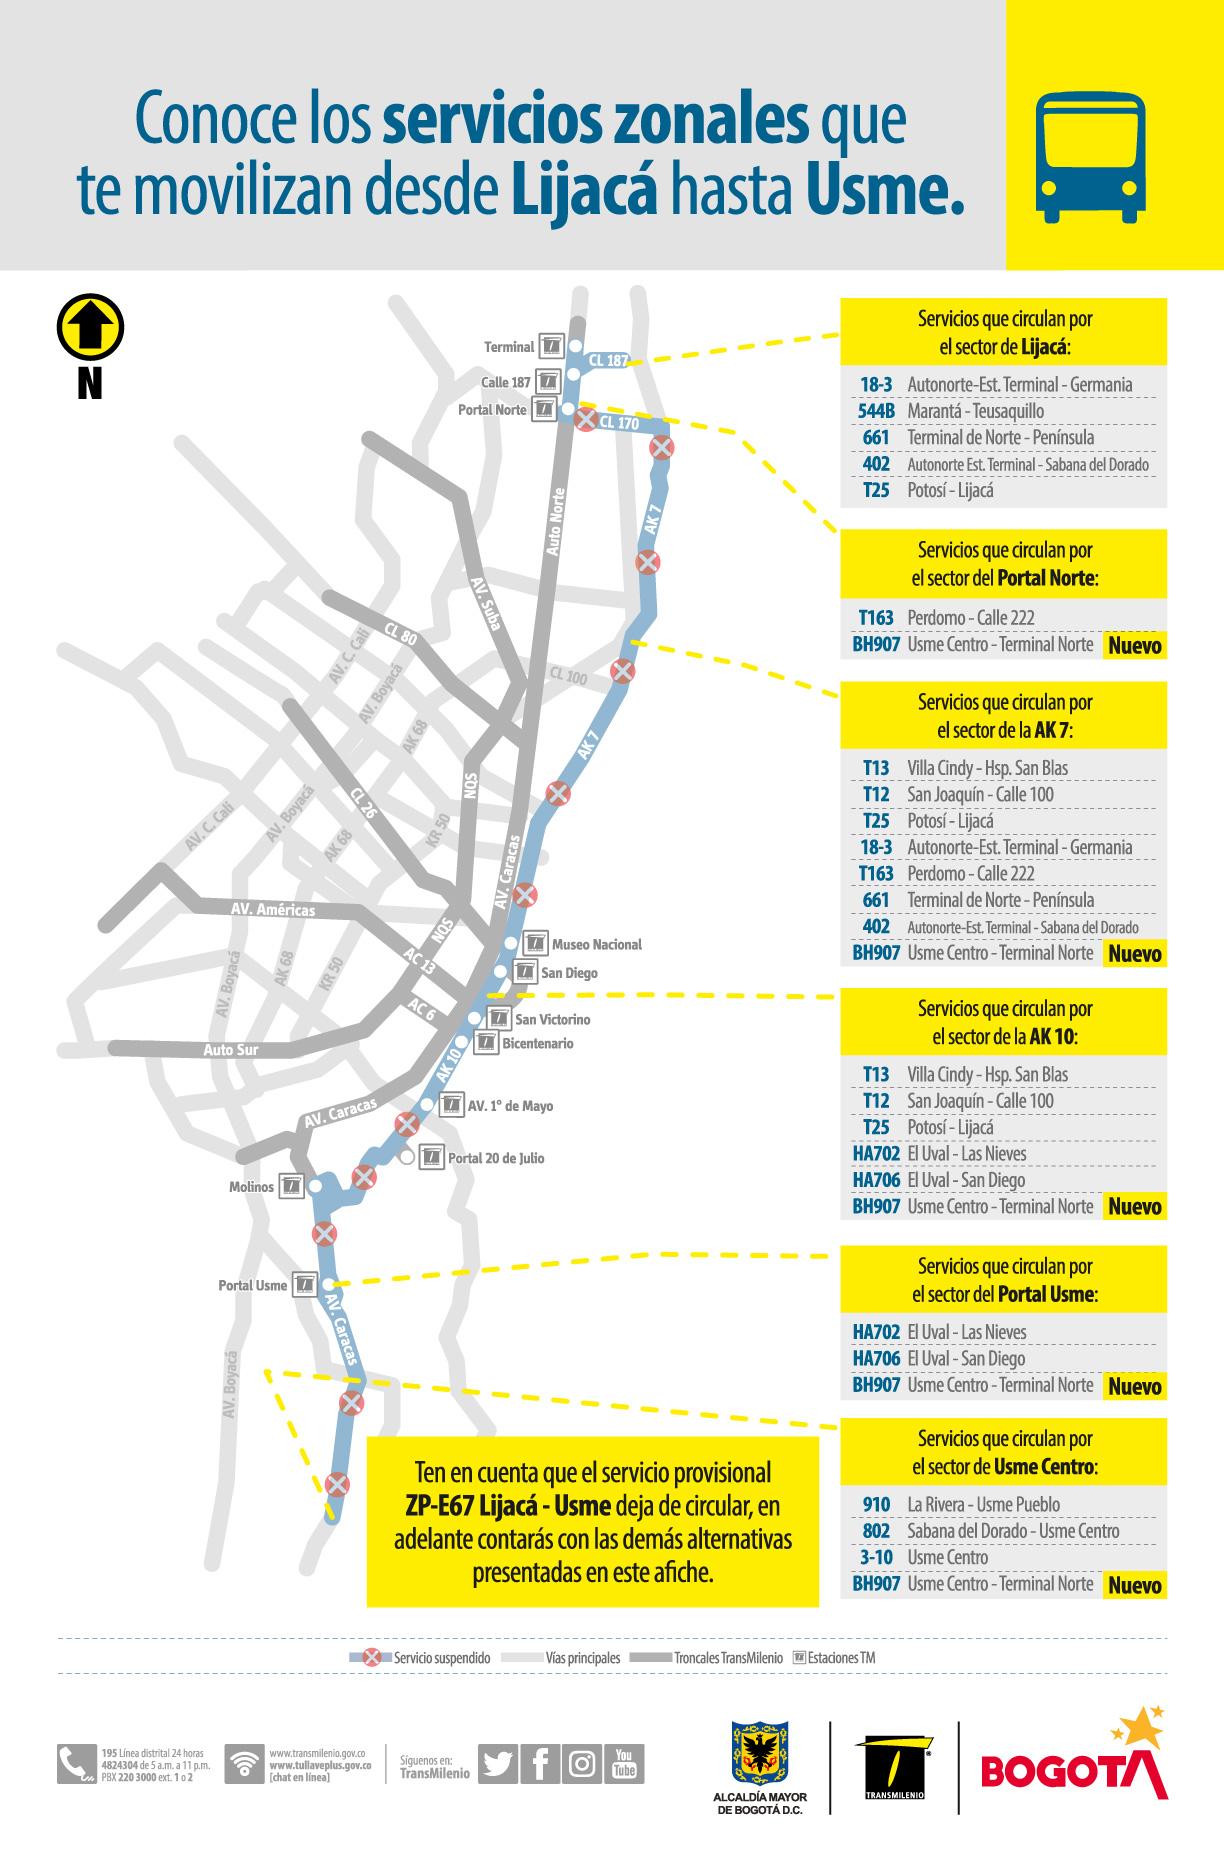 ruta provisional ZP-E67 Lijacá - Usme que dejará de circular a partir del próximo sábado 1 de mayo de 2021.